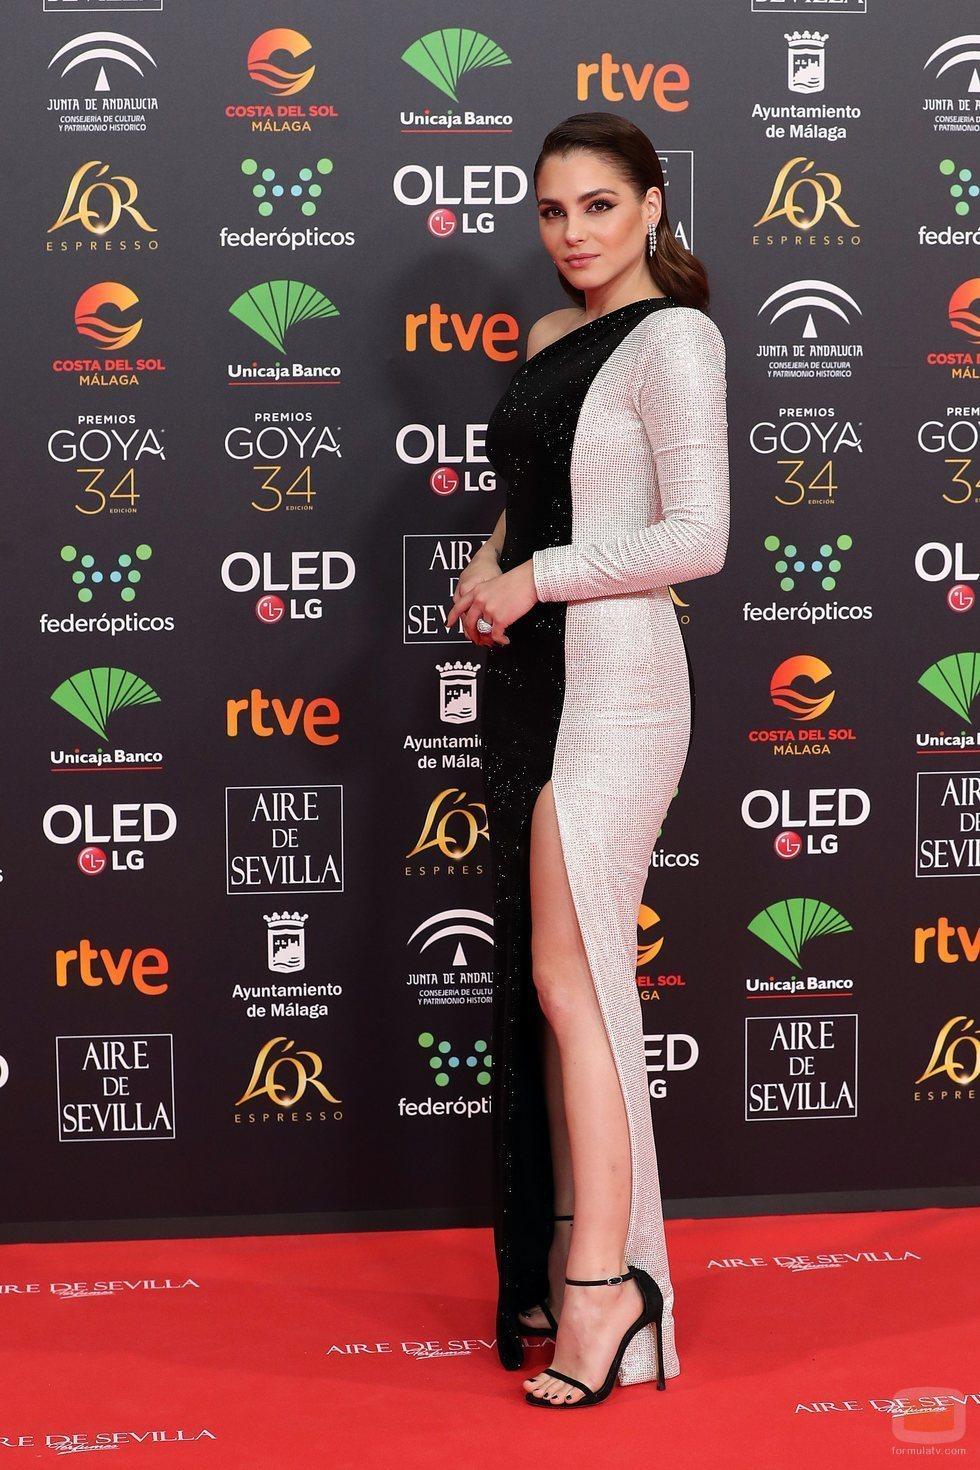 Andrea Duro posa en la alfombra roja de los Premios Goya 2020